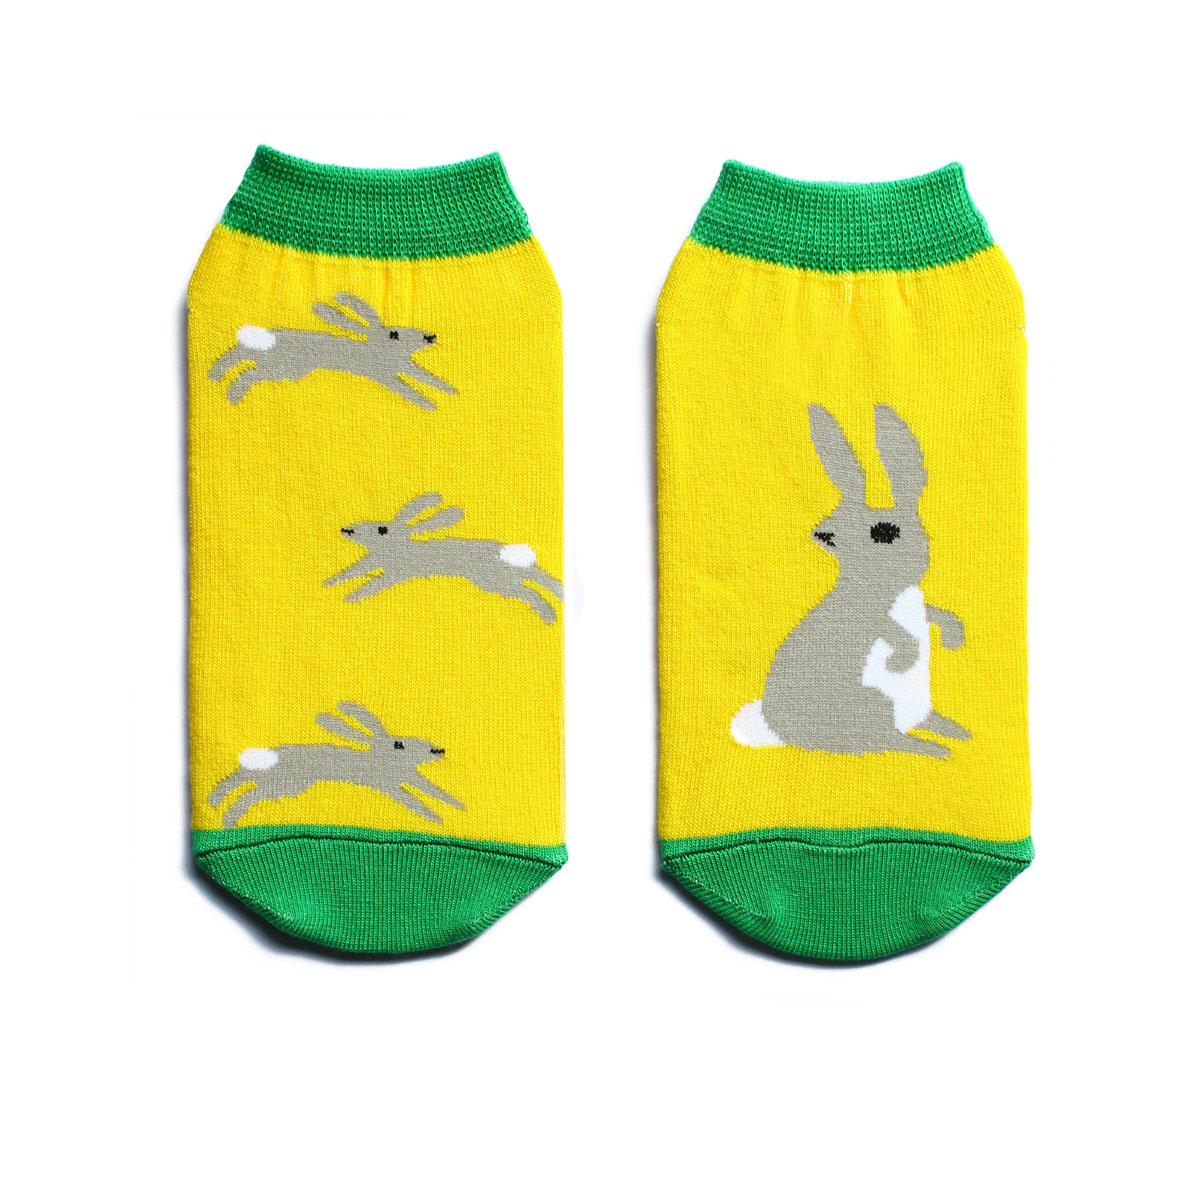 Носки мужские Big Bang Socks, цвет: желтый. n232. Размер 40-44n232Яркие носки Big Bang Socks изготовлены из высококачественного хлопка с добавлением полиамида и эластана, которые обеспечивают отличную посадку. Модель с укороченным паголенком оформлена оригинальным принтом с изображением зайцев. Широкая резинка плотно облегает ногу и обеспечивает удобство, не сдавливая ее.